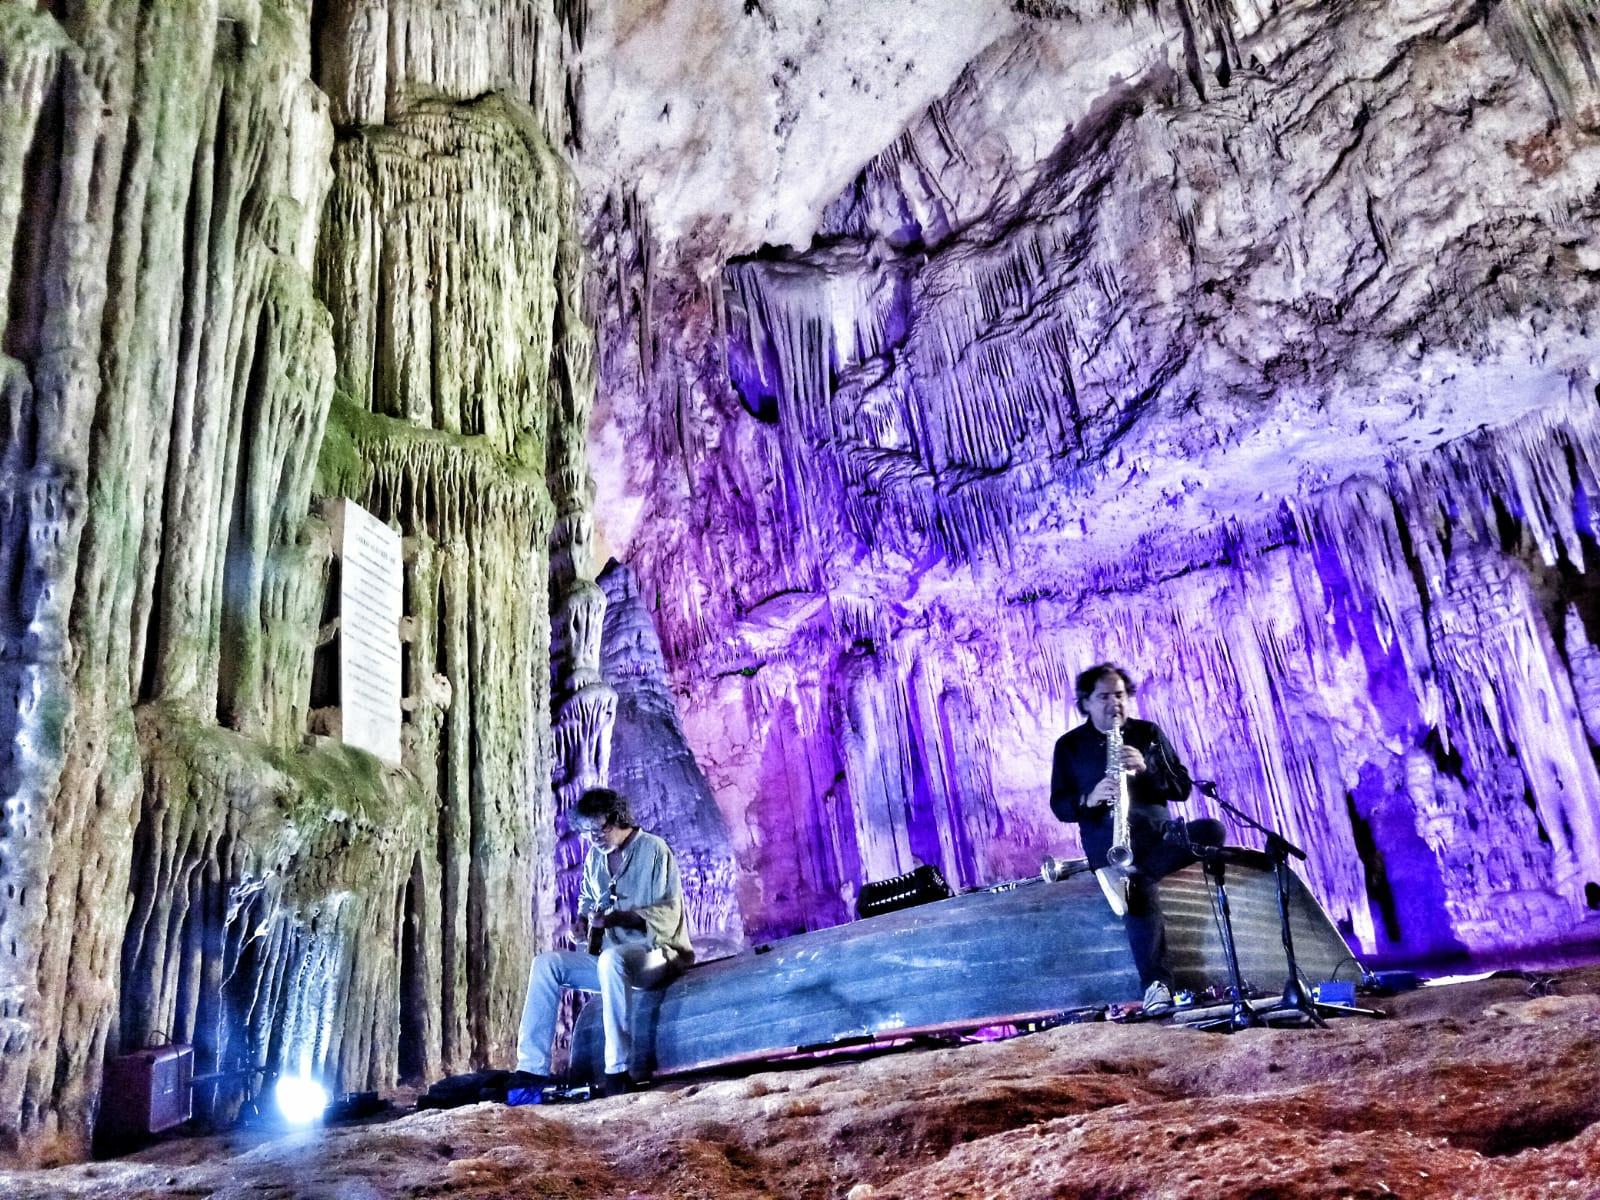 Enzo Favata - Marcello Peghin - Grotte di Nettuno - Alghero - Musica sulle Bocche - festival - presentazione - Los Angeles - notizie - 2020 - Sa Scena Sarda